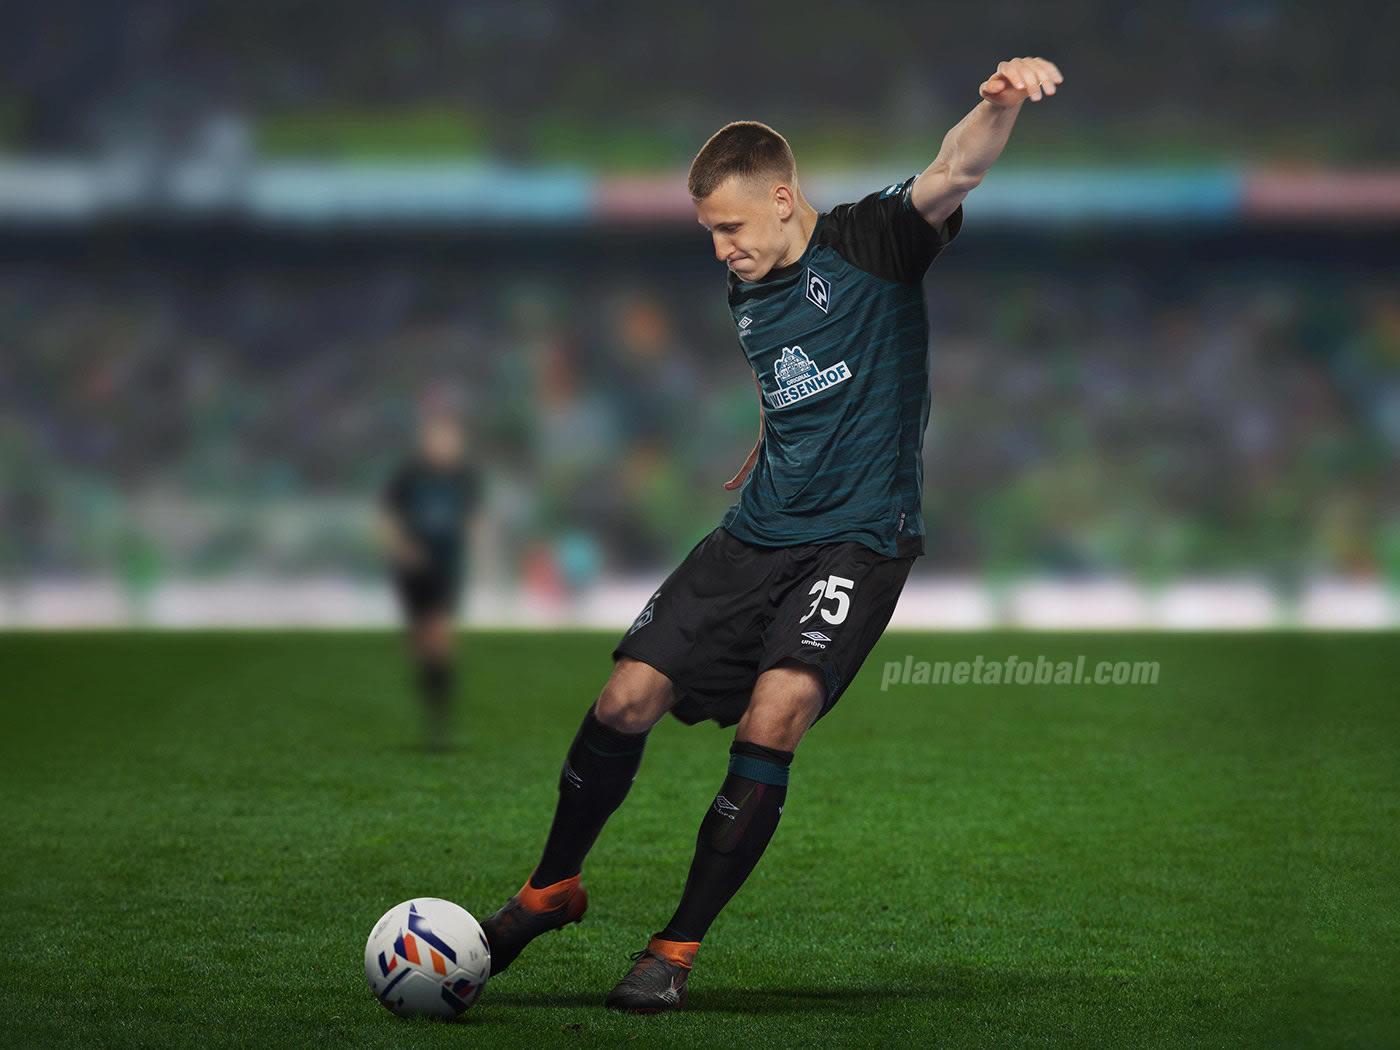 6181f8eee6 Camiseta suplente Umbro del Werder Bremen 2018 19